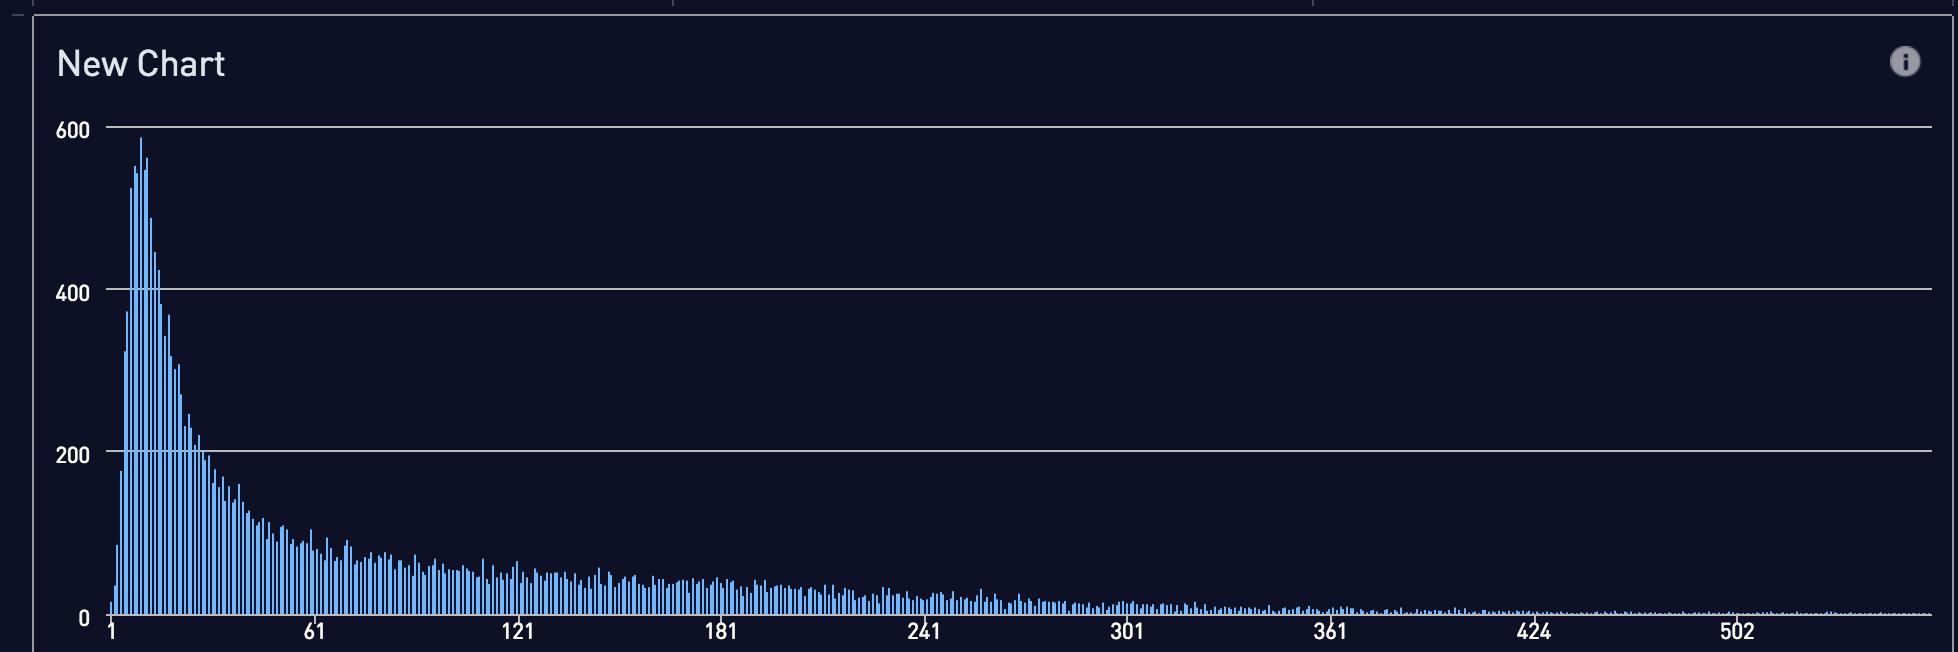 Zip codes chart